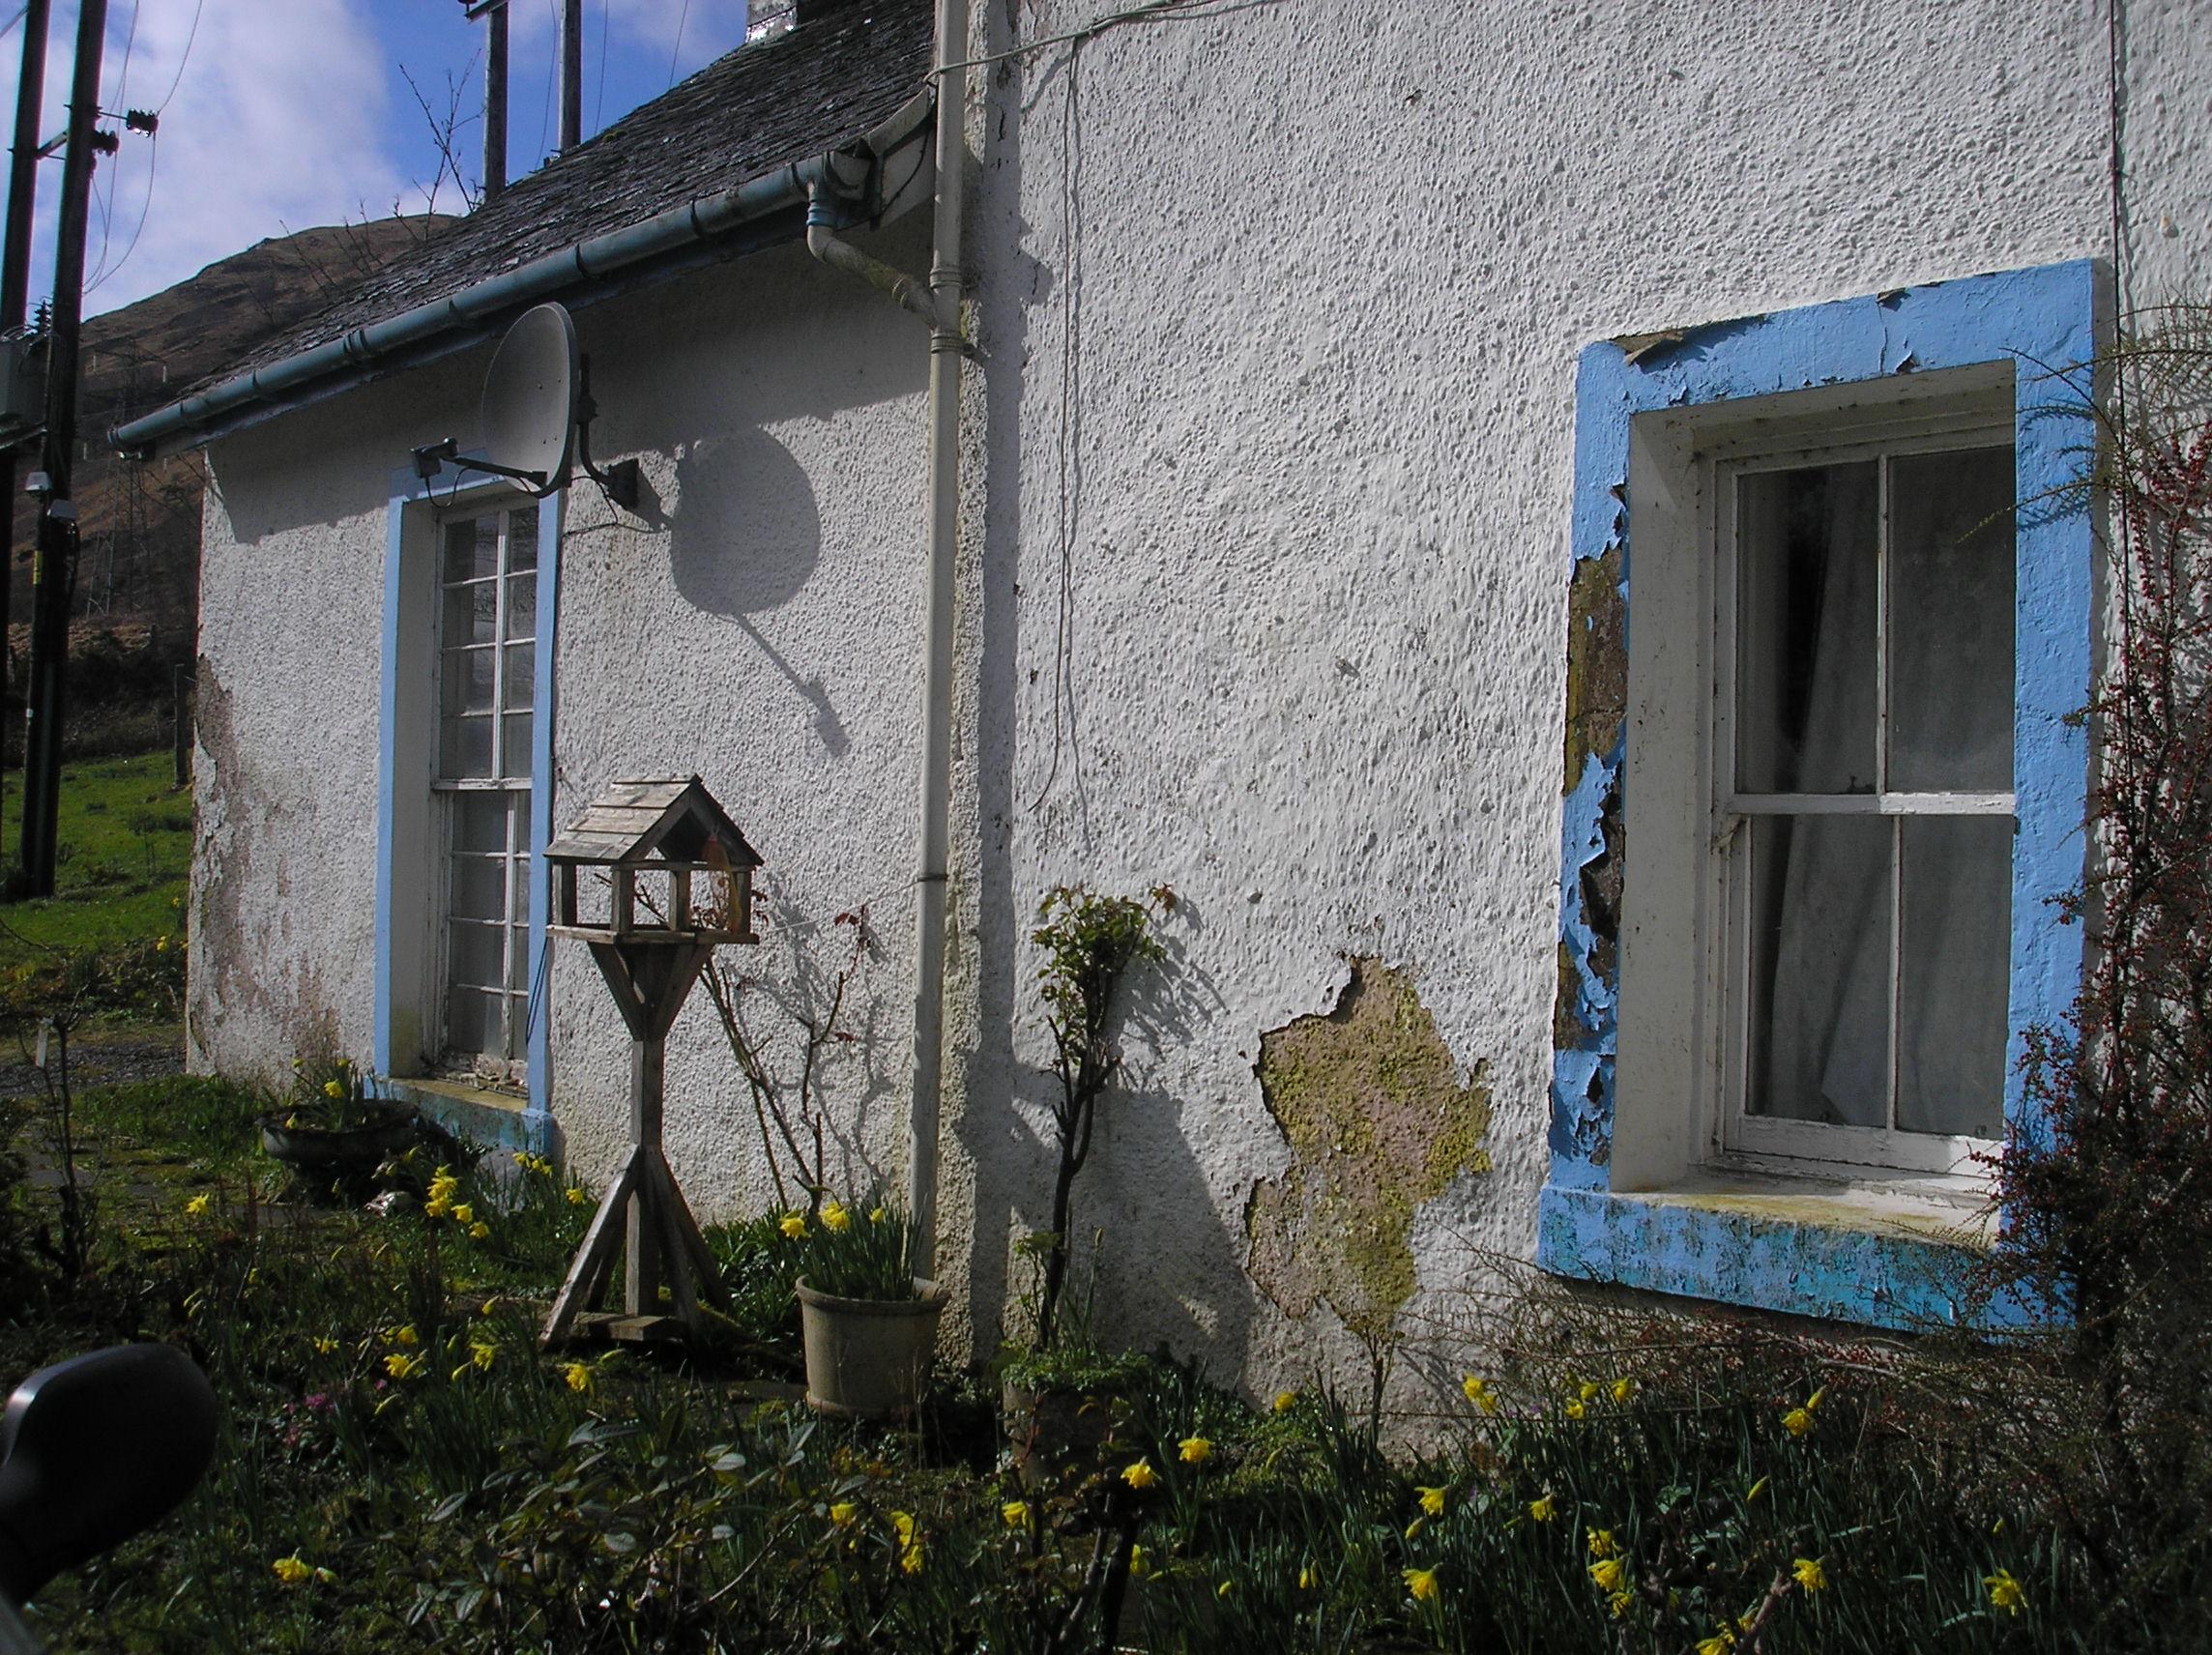 Clachan Farm (South Flat)